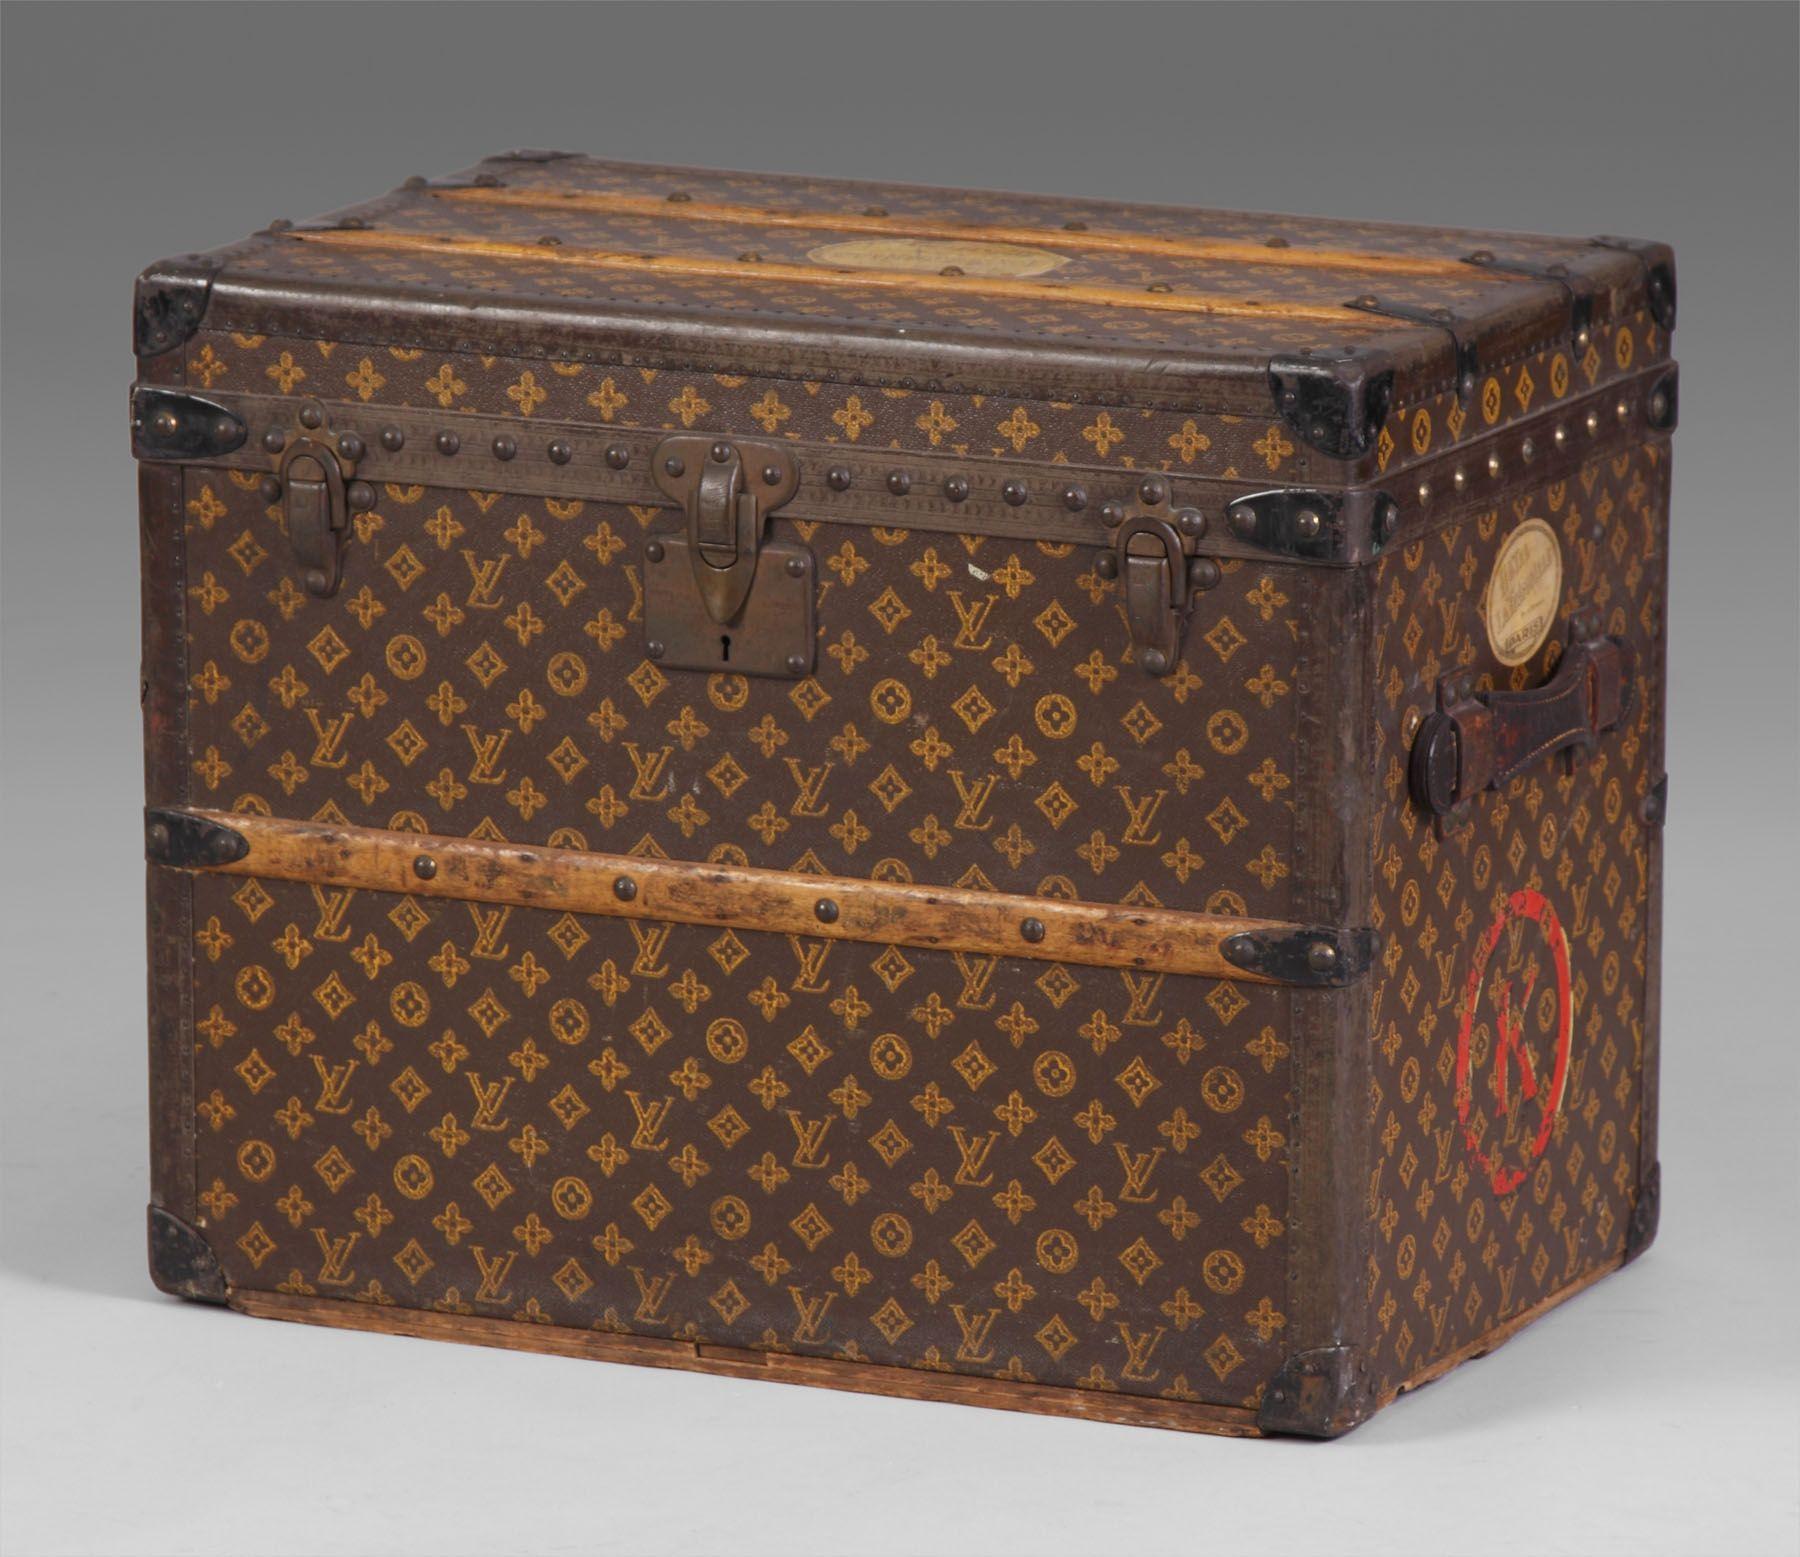 Louis Vuitton's Suitcase